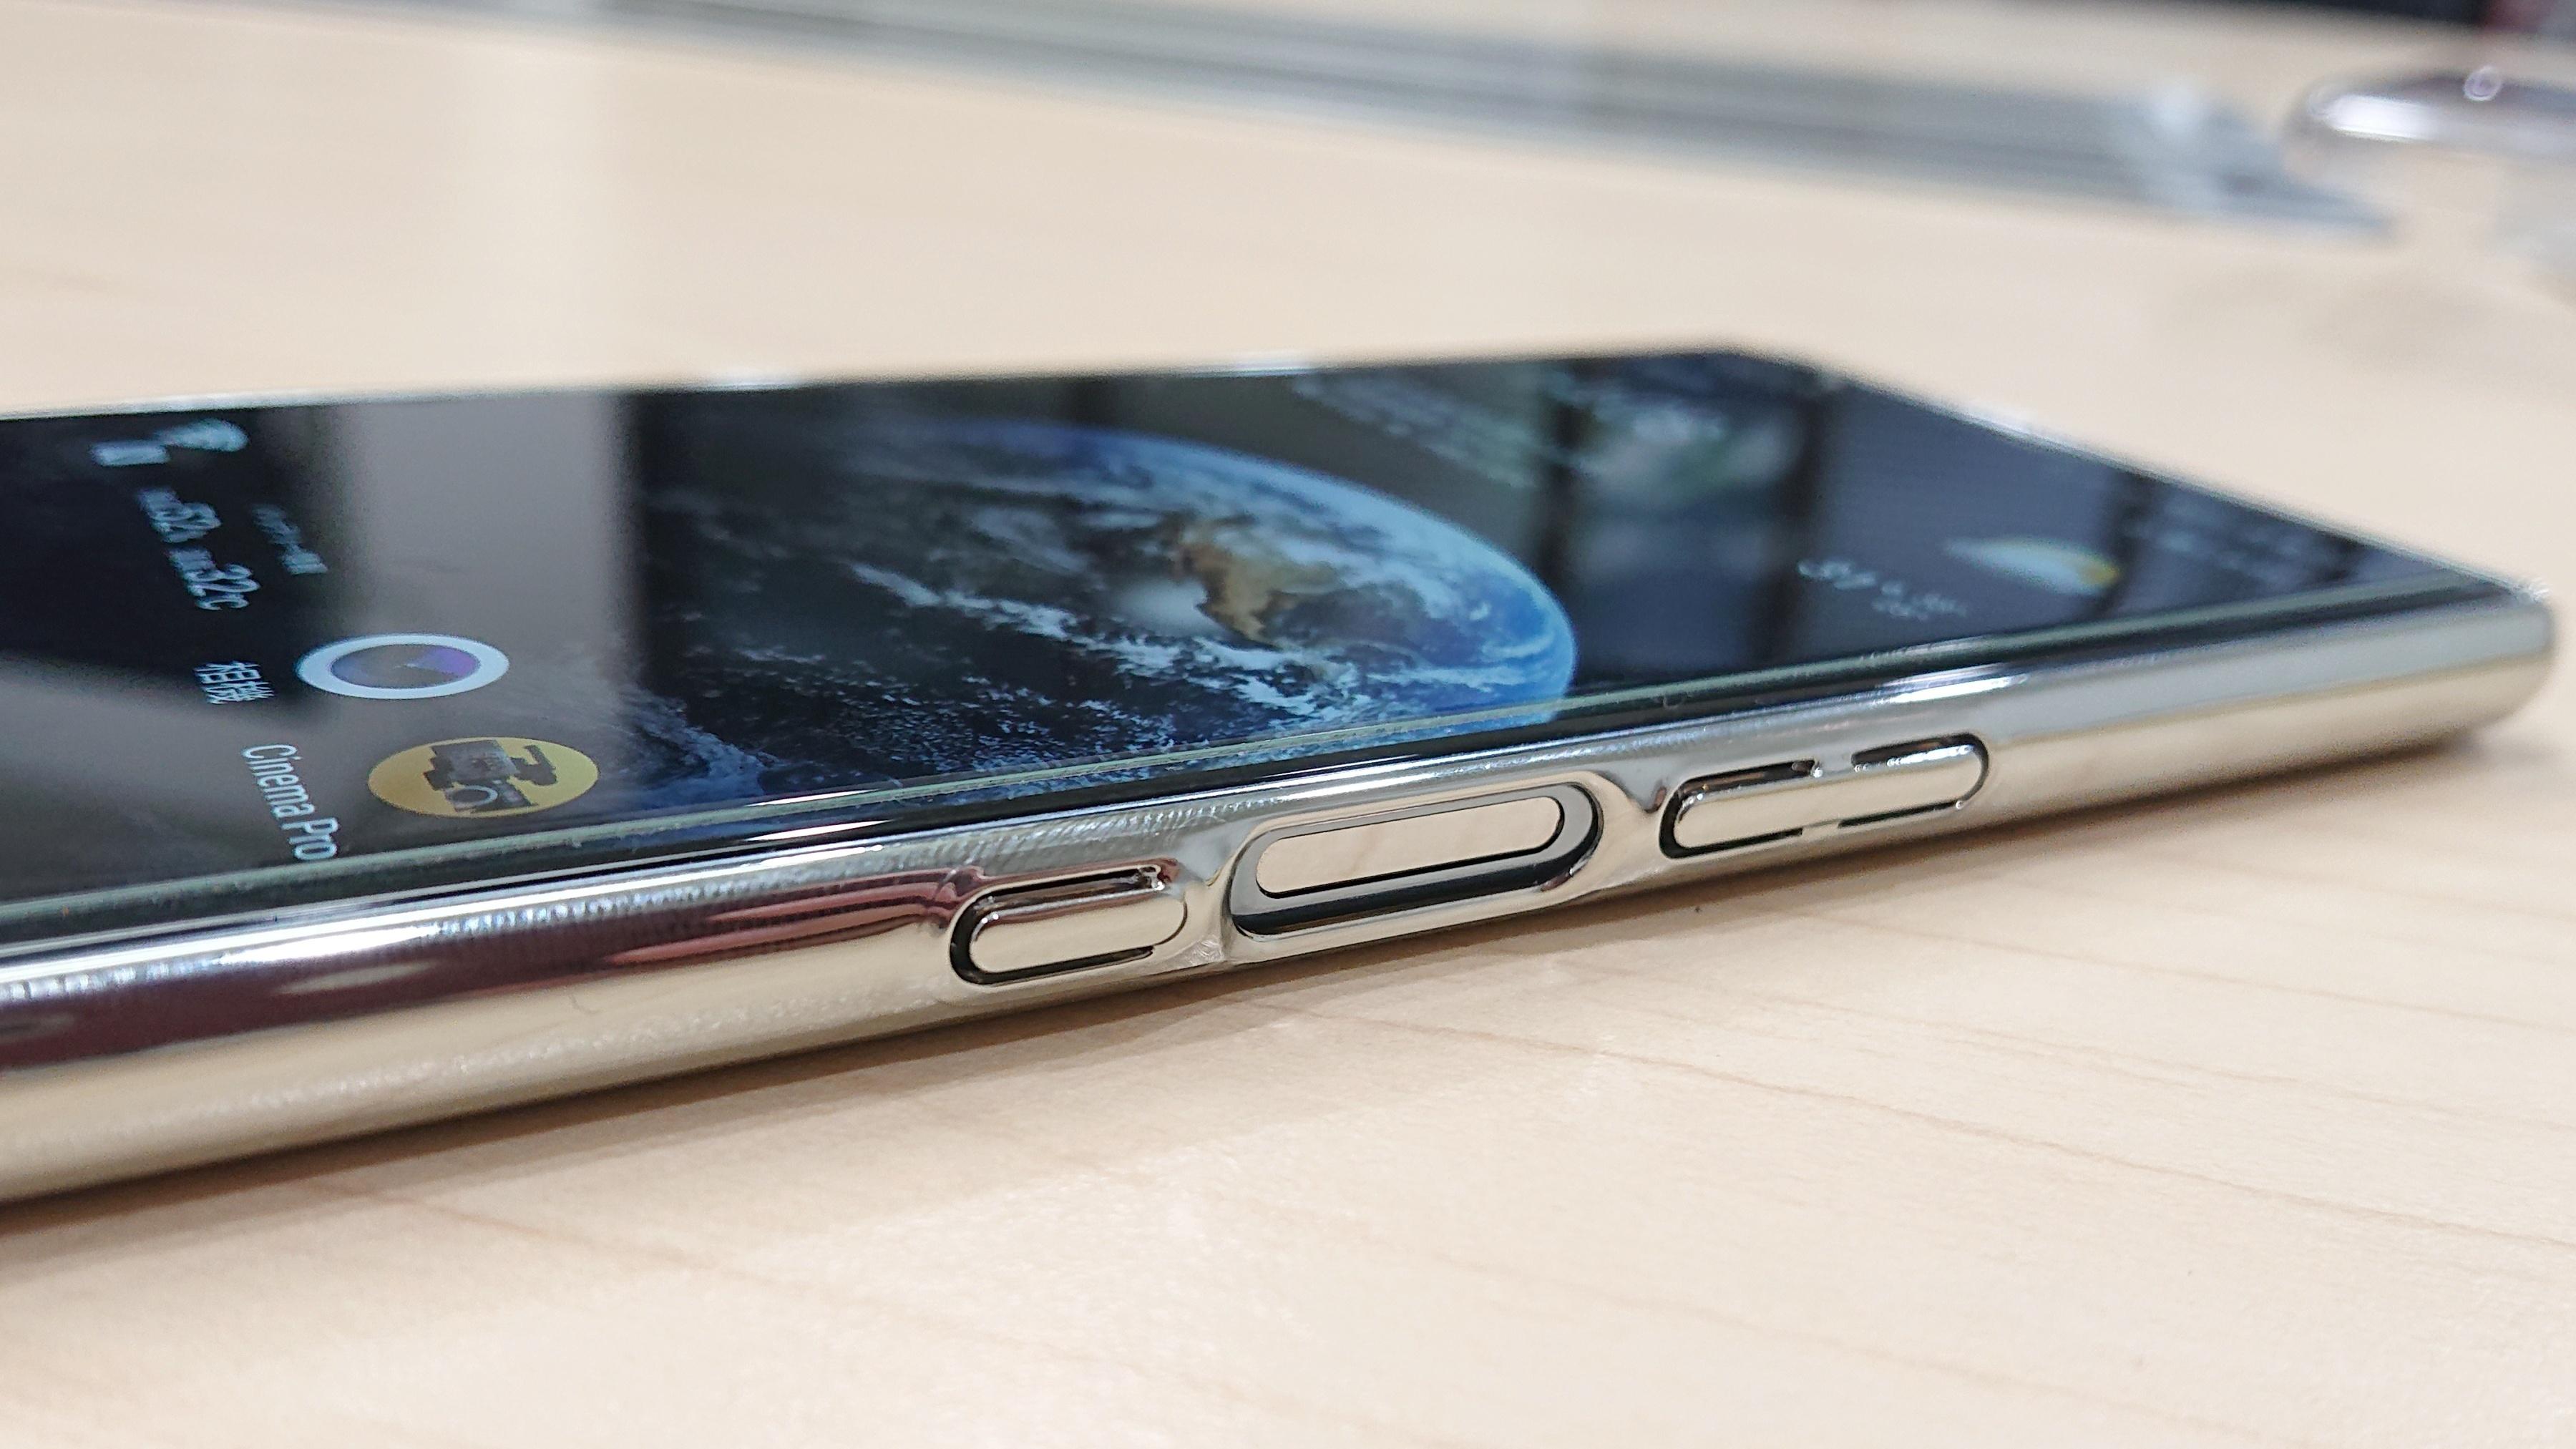 「開箱分享」日系手機配件RASTA BANANA,Xperia 1兼顧美型外觀及手機保護一次滿足 - 8